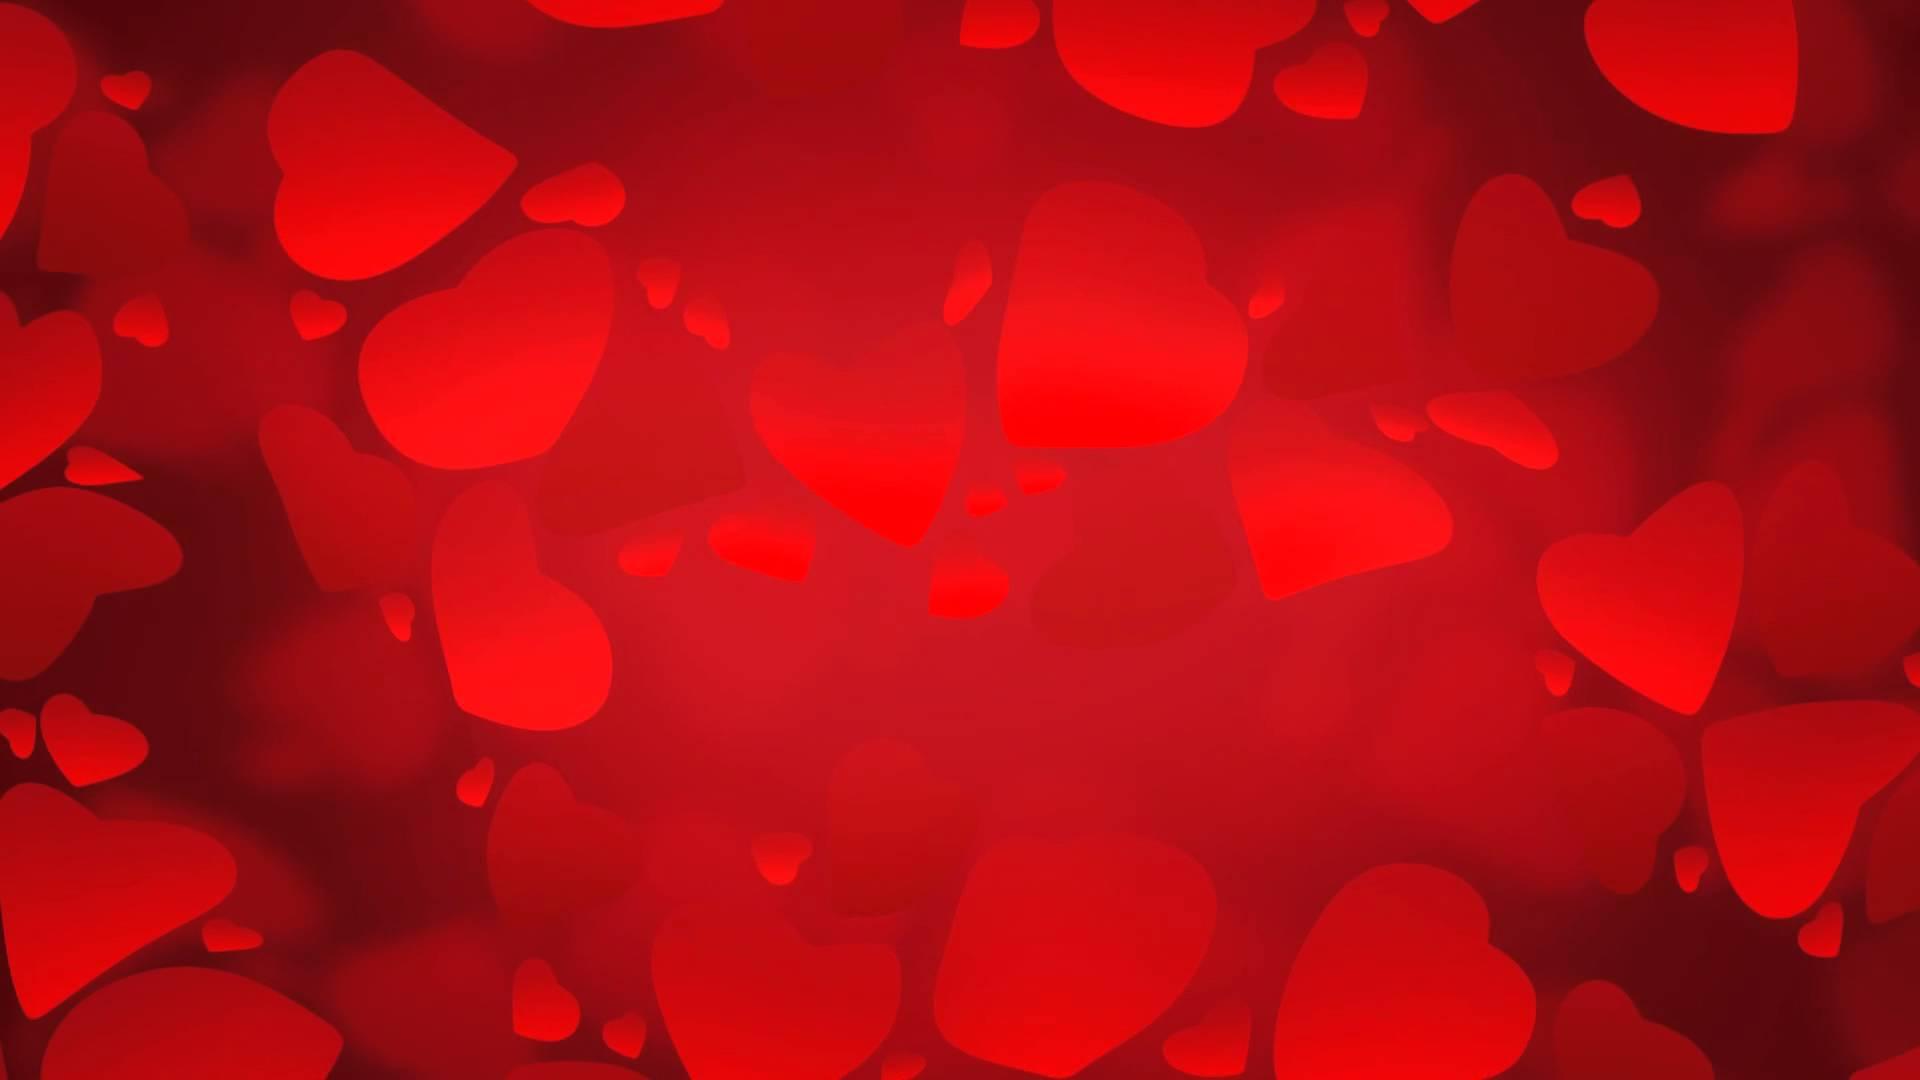 valentine background 4   HD video background 1920x1080